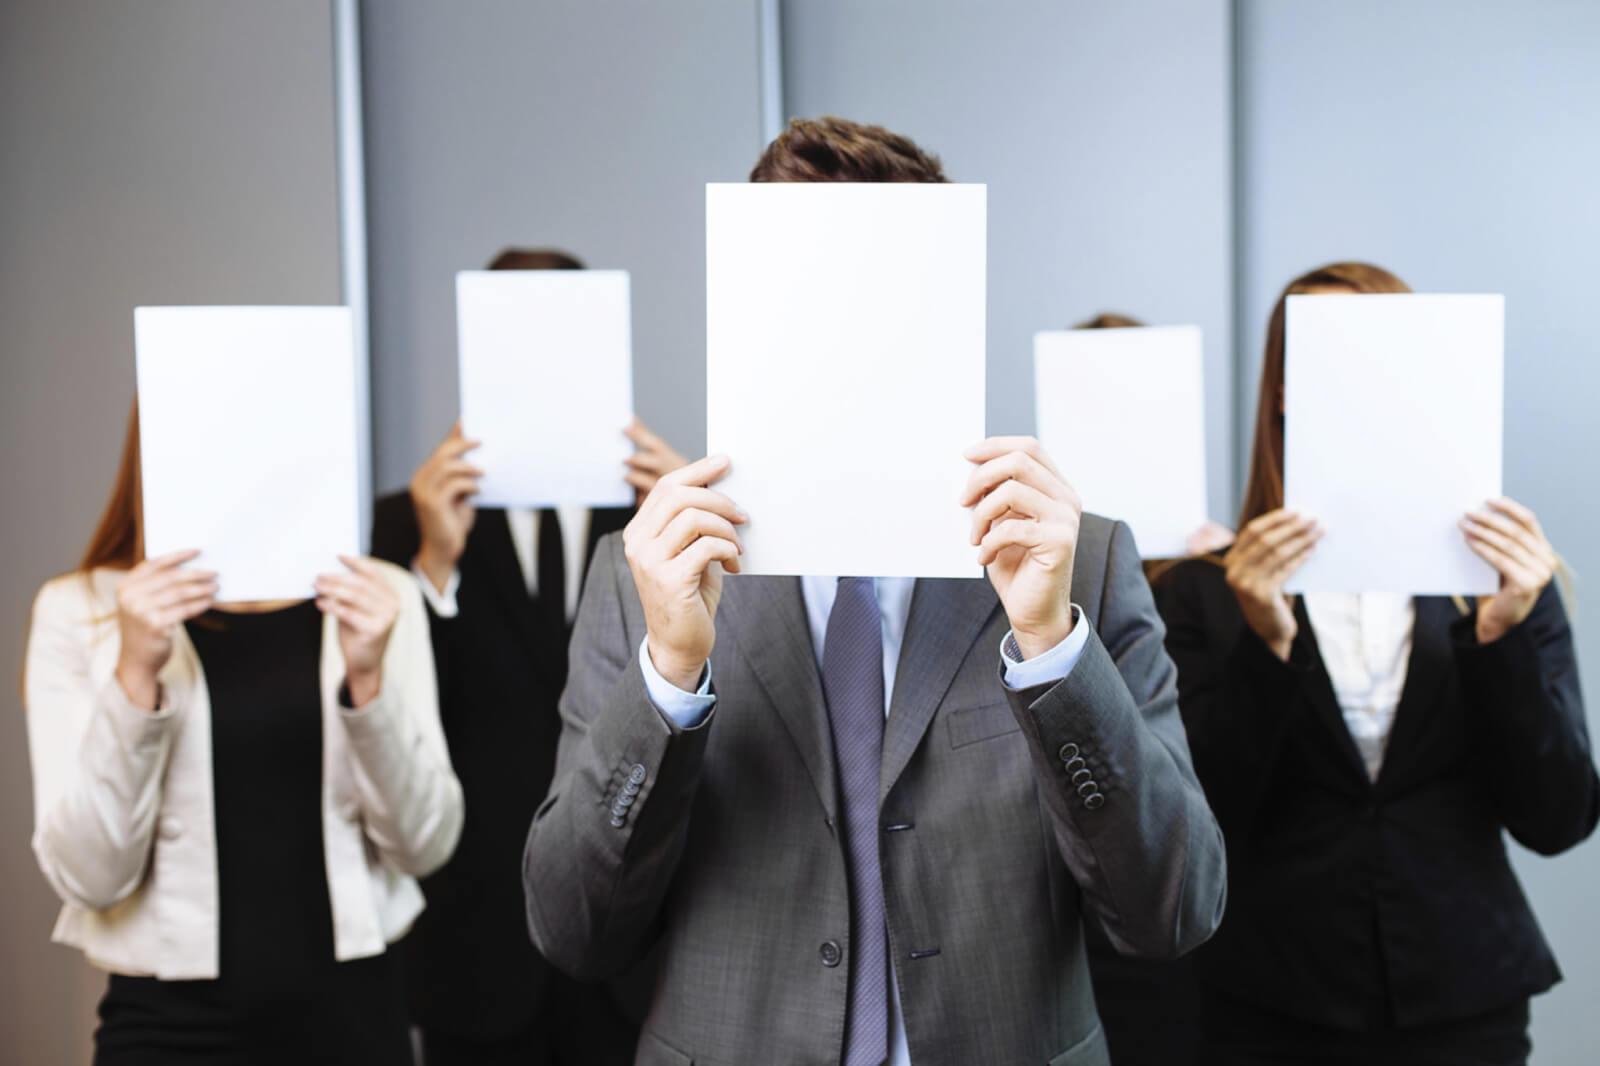 Письмо отказ от предложенной работы. Как отказаться от собеседования. Полная отмена собеседования